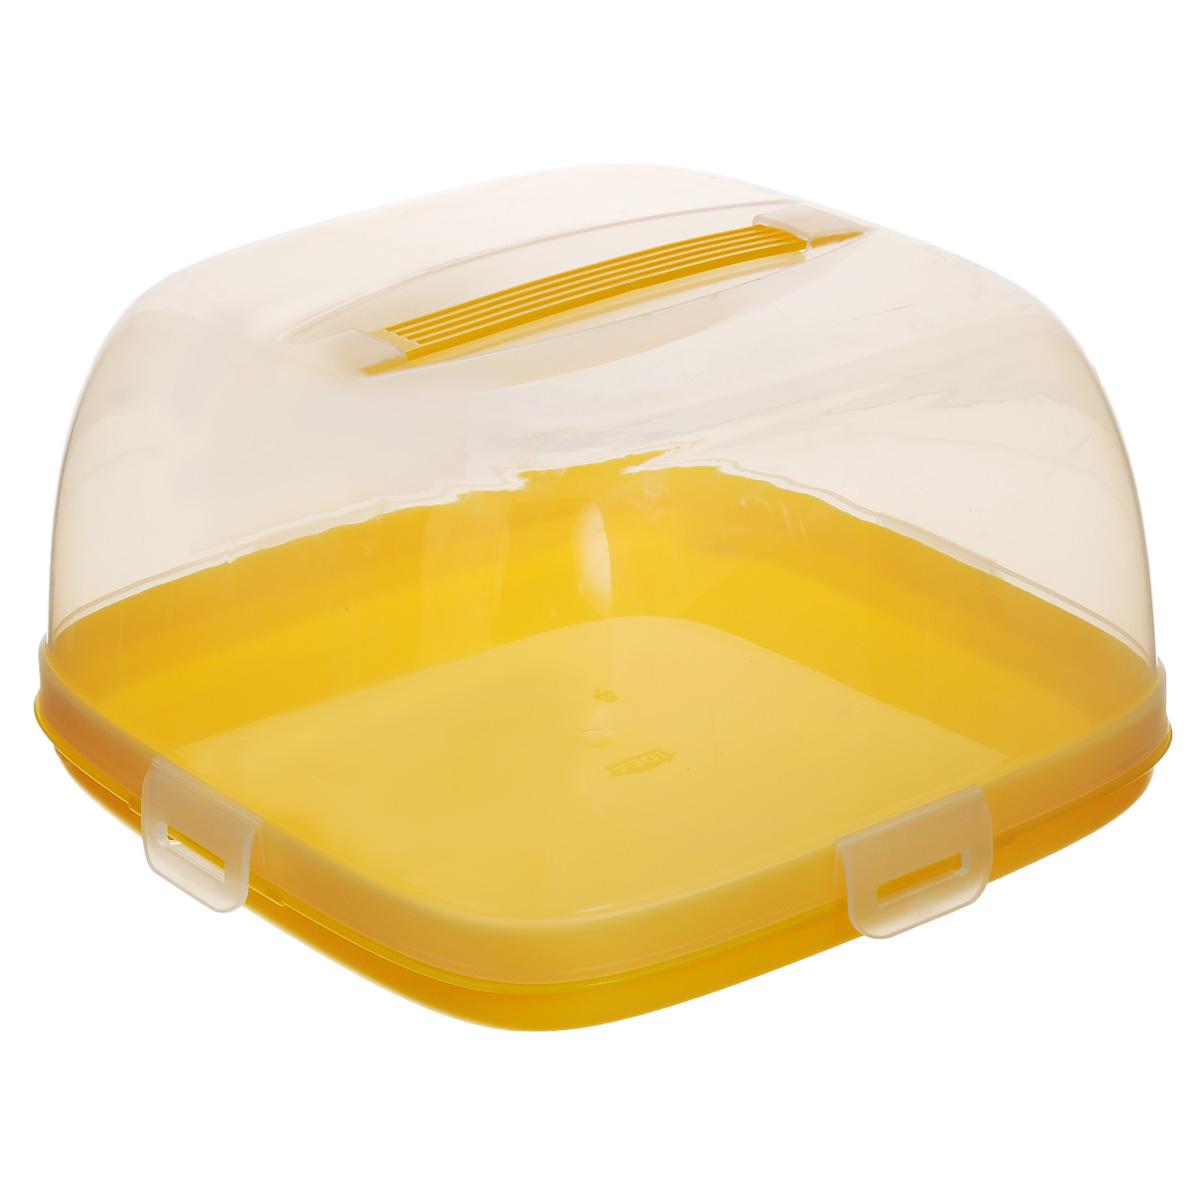 Тортница Idea, с защелками, цвет: прозрачный, желтый, 24 х 24 см115510Тортница Idea изготовлена из высококачественного прочного пищевого пластика. Она состоит из квадратного двухстороннего поддона и прозрачной крышки. Благодаря четырем защелкам крышка плотно сидит на подносе, что позволяет сохранить первоначальную свежесть торта и защитить его от посторонних запахов. Крышка тортницы имеет удобную ручку для переноски. Размер поддона: 24 см х 24 см. Высота борта: 2,5 см.Высота крышки: 12,5 см.Уважаемые клиенты! Обращаем ваше внимание на возможные изменения в дизайне упаковки. Качественные характеристики товара остаются неизменными. Поставка осуществляется в зависимости от наличия на складе.